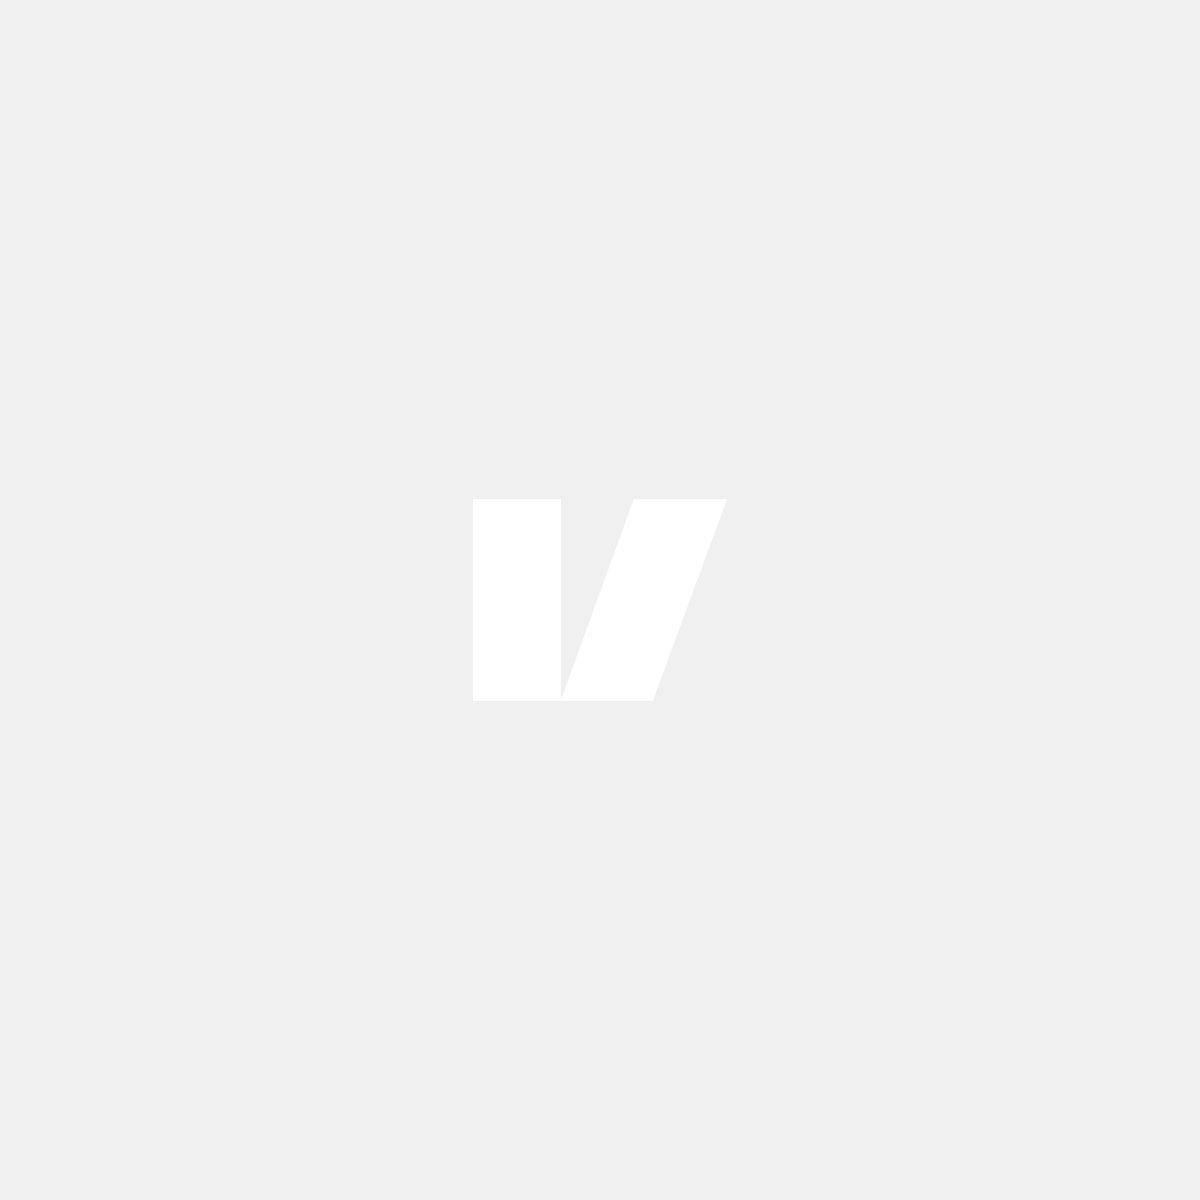 Blanksvarta backspegelkåpor till Volvo V40, V40CC